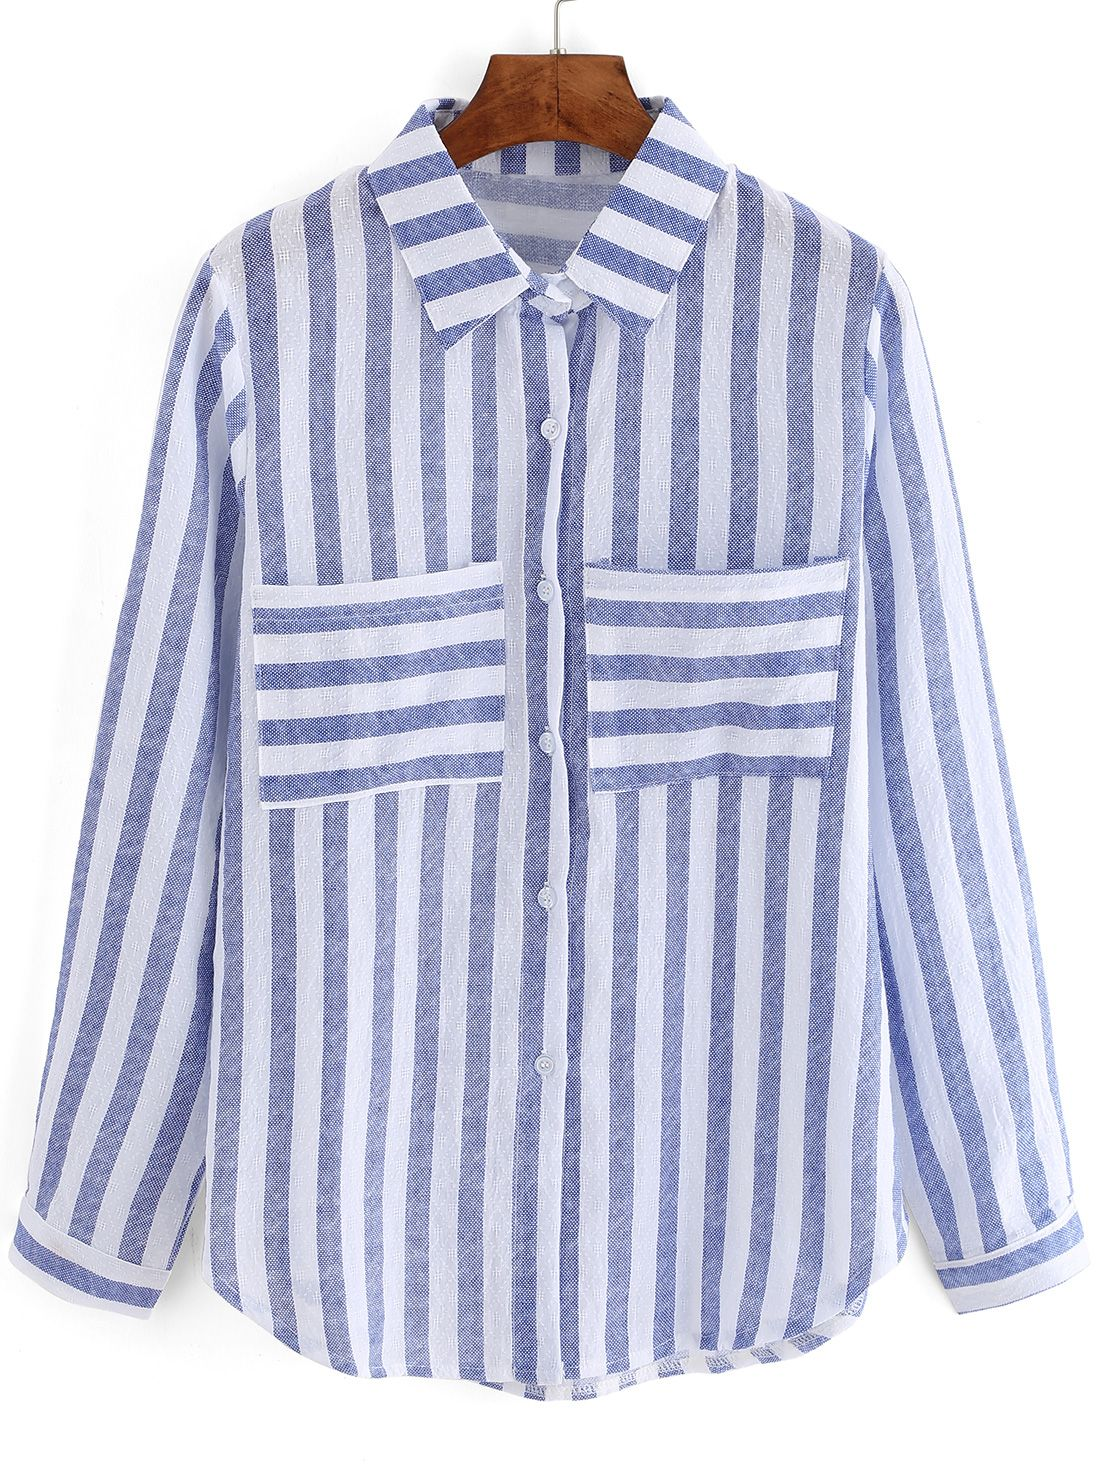 994f4a62037 Blusa+rayas+verticales+bolsillos+-azul+blanco+13.31 | Cosas que ...